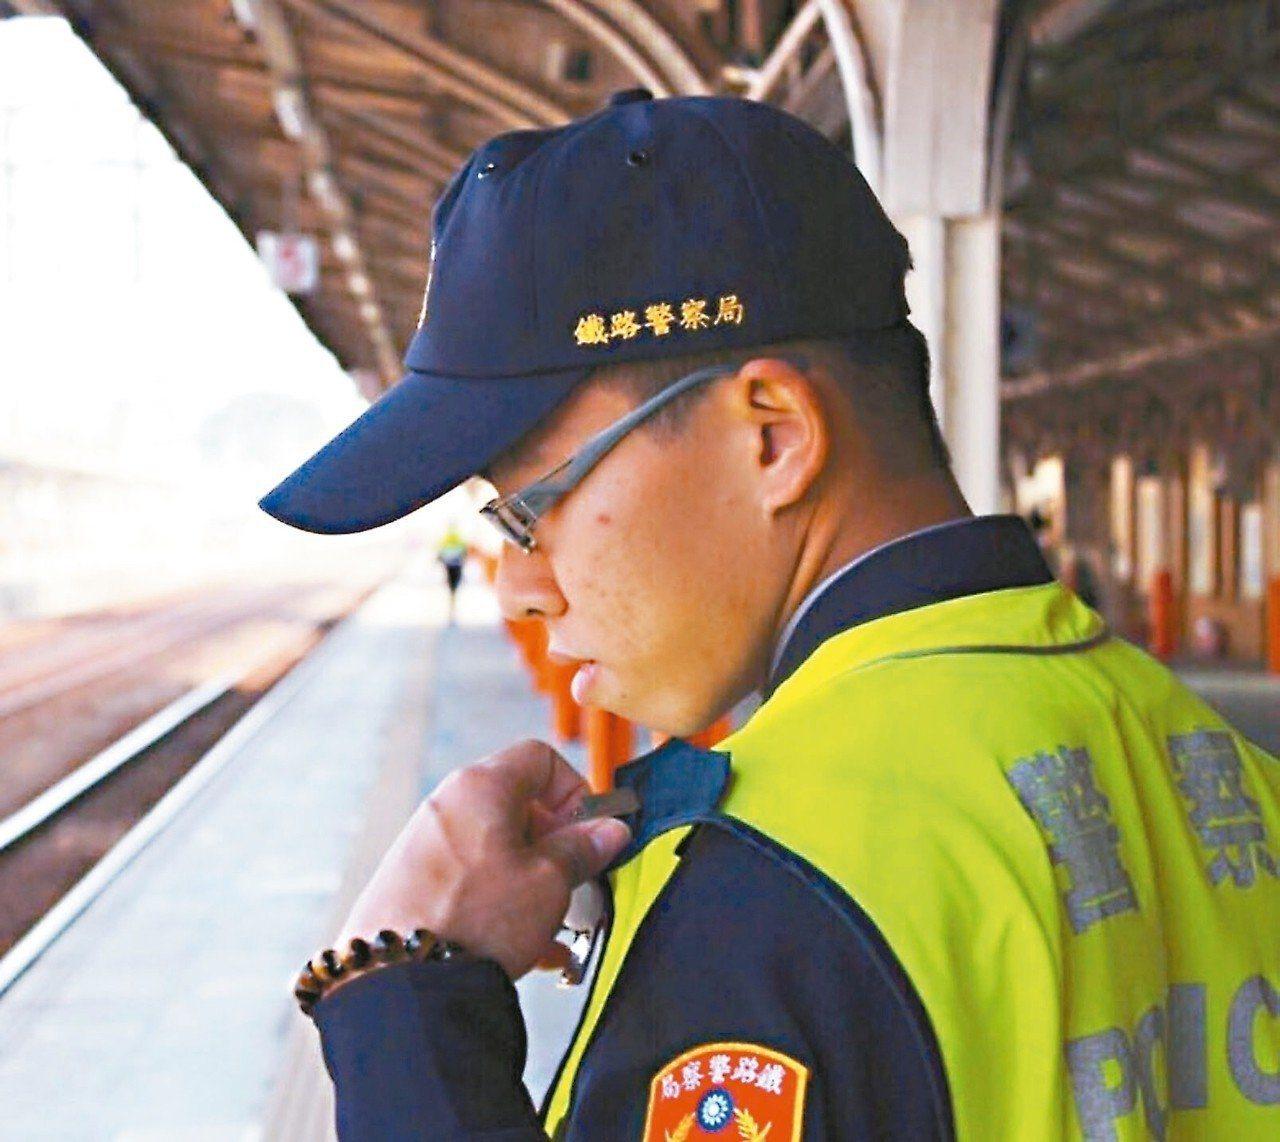 因公殉職的鐵路警察李承翰將於9月3日入嘉義市忠烈祠。圖/讀者提供